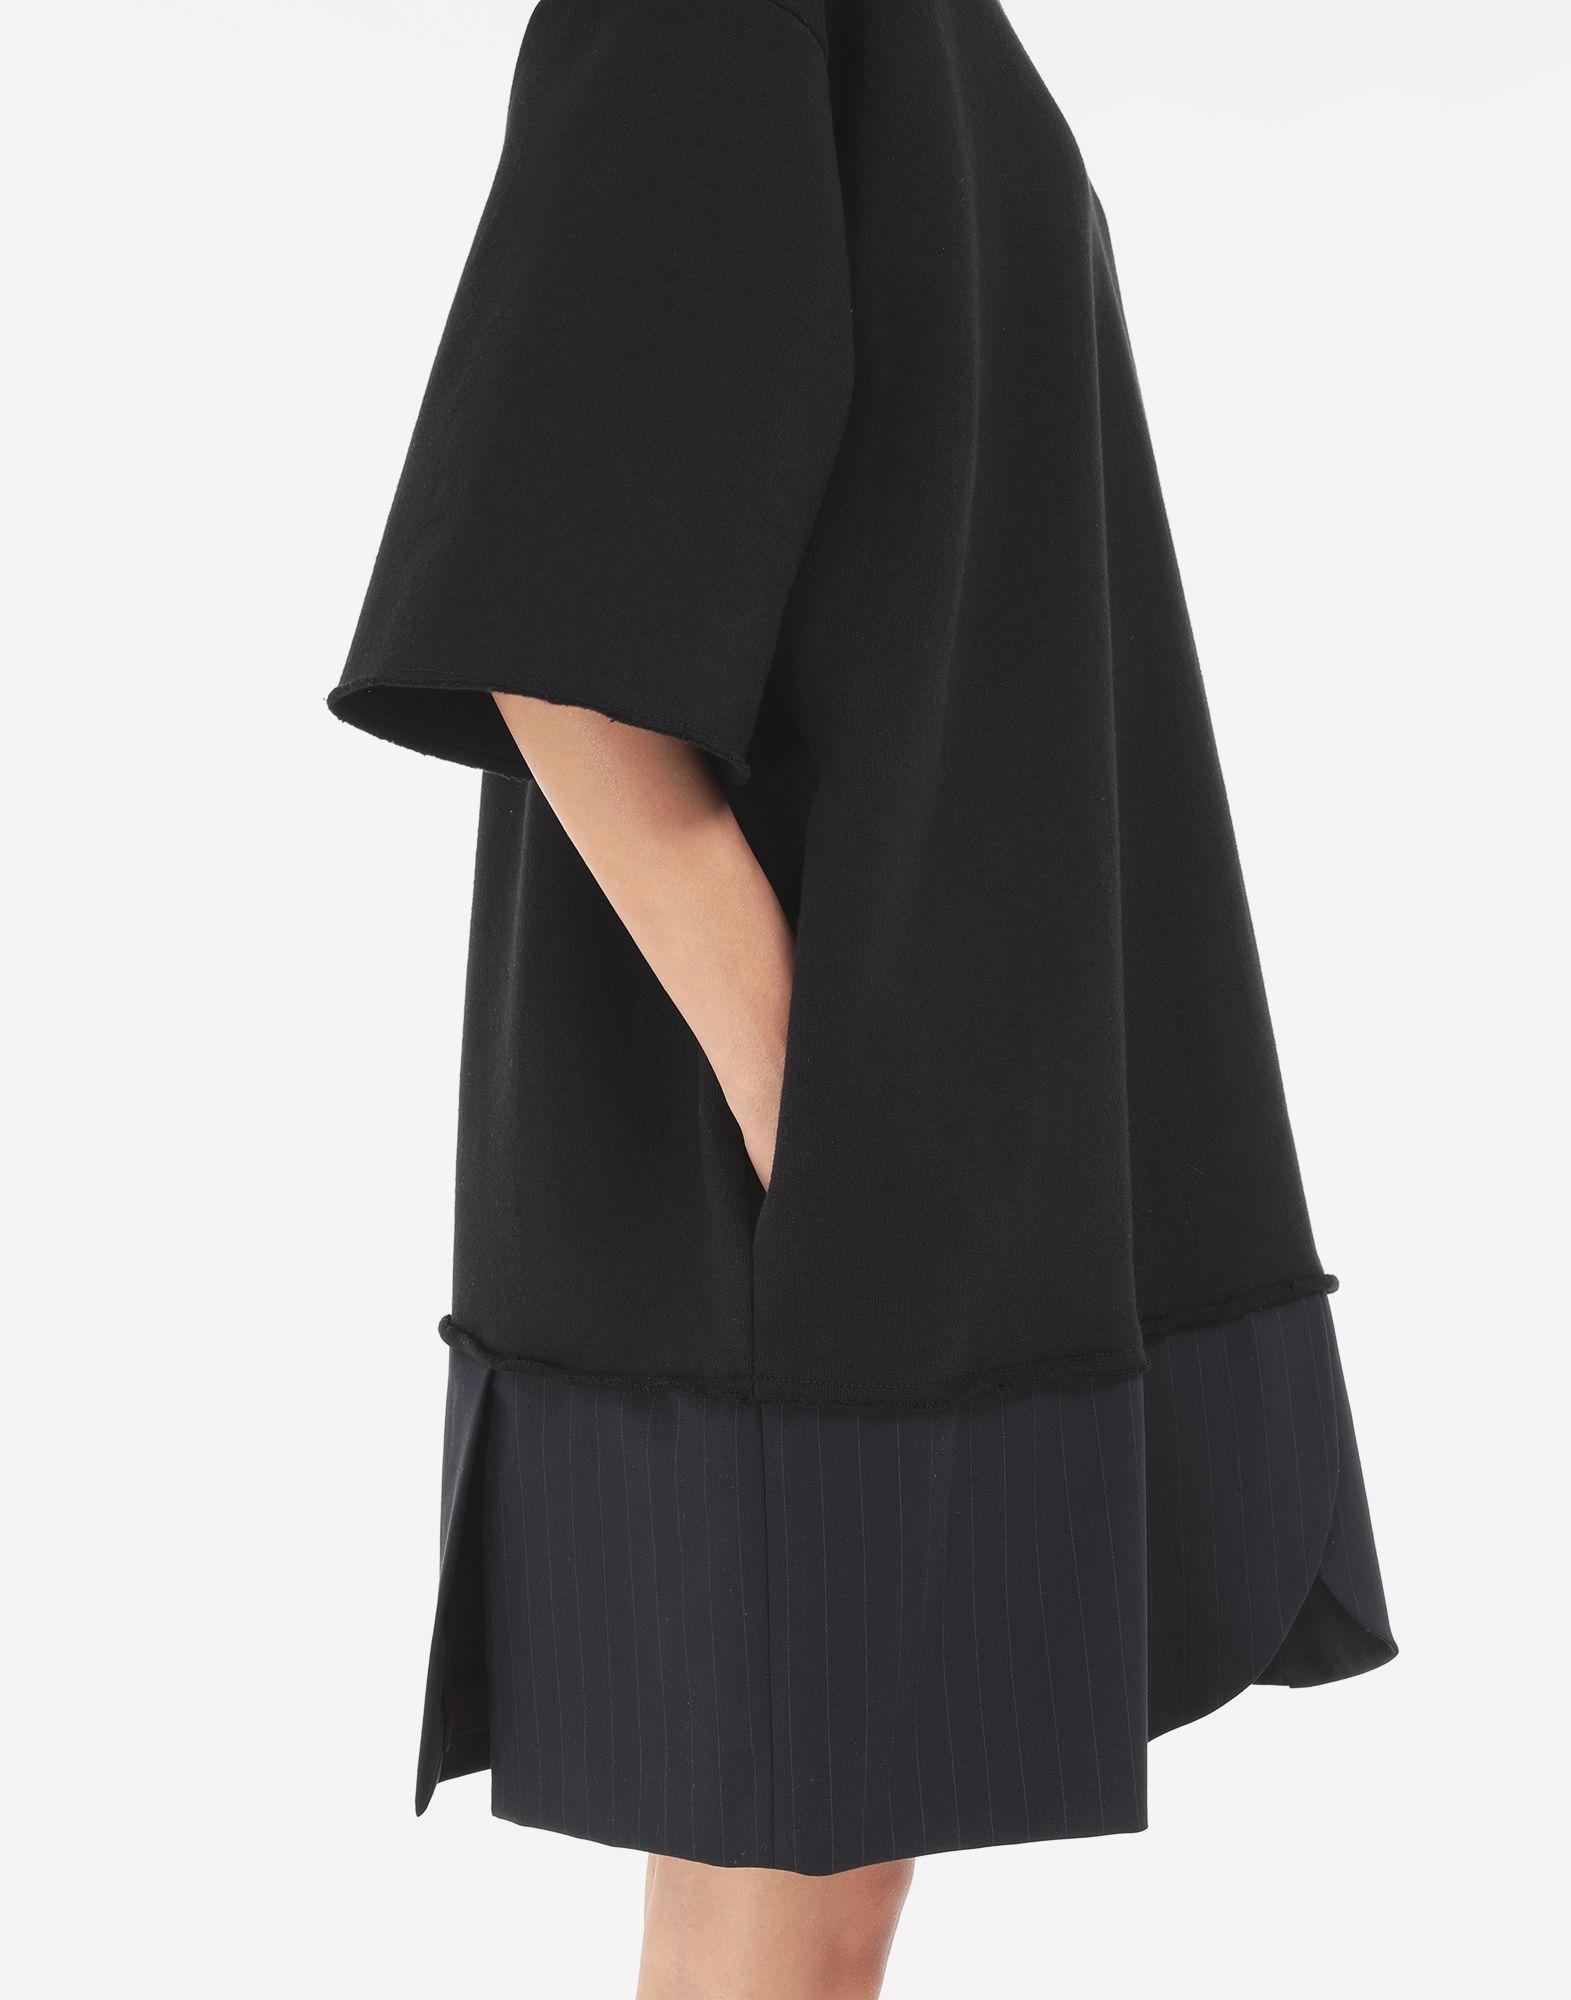 MM6 MAISON MARGIELA Spliced T-shirt dress Dress Woman a